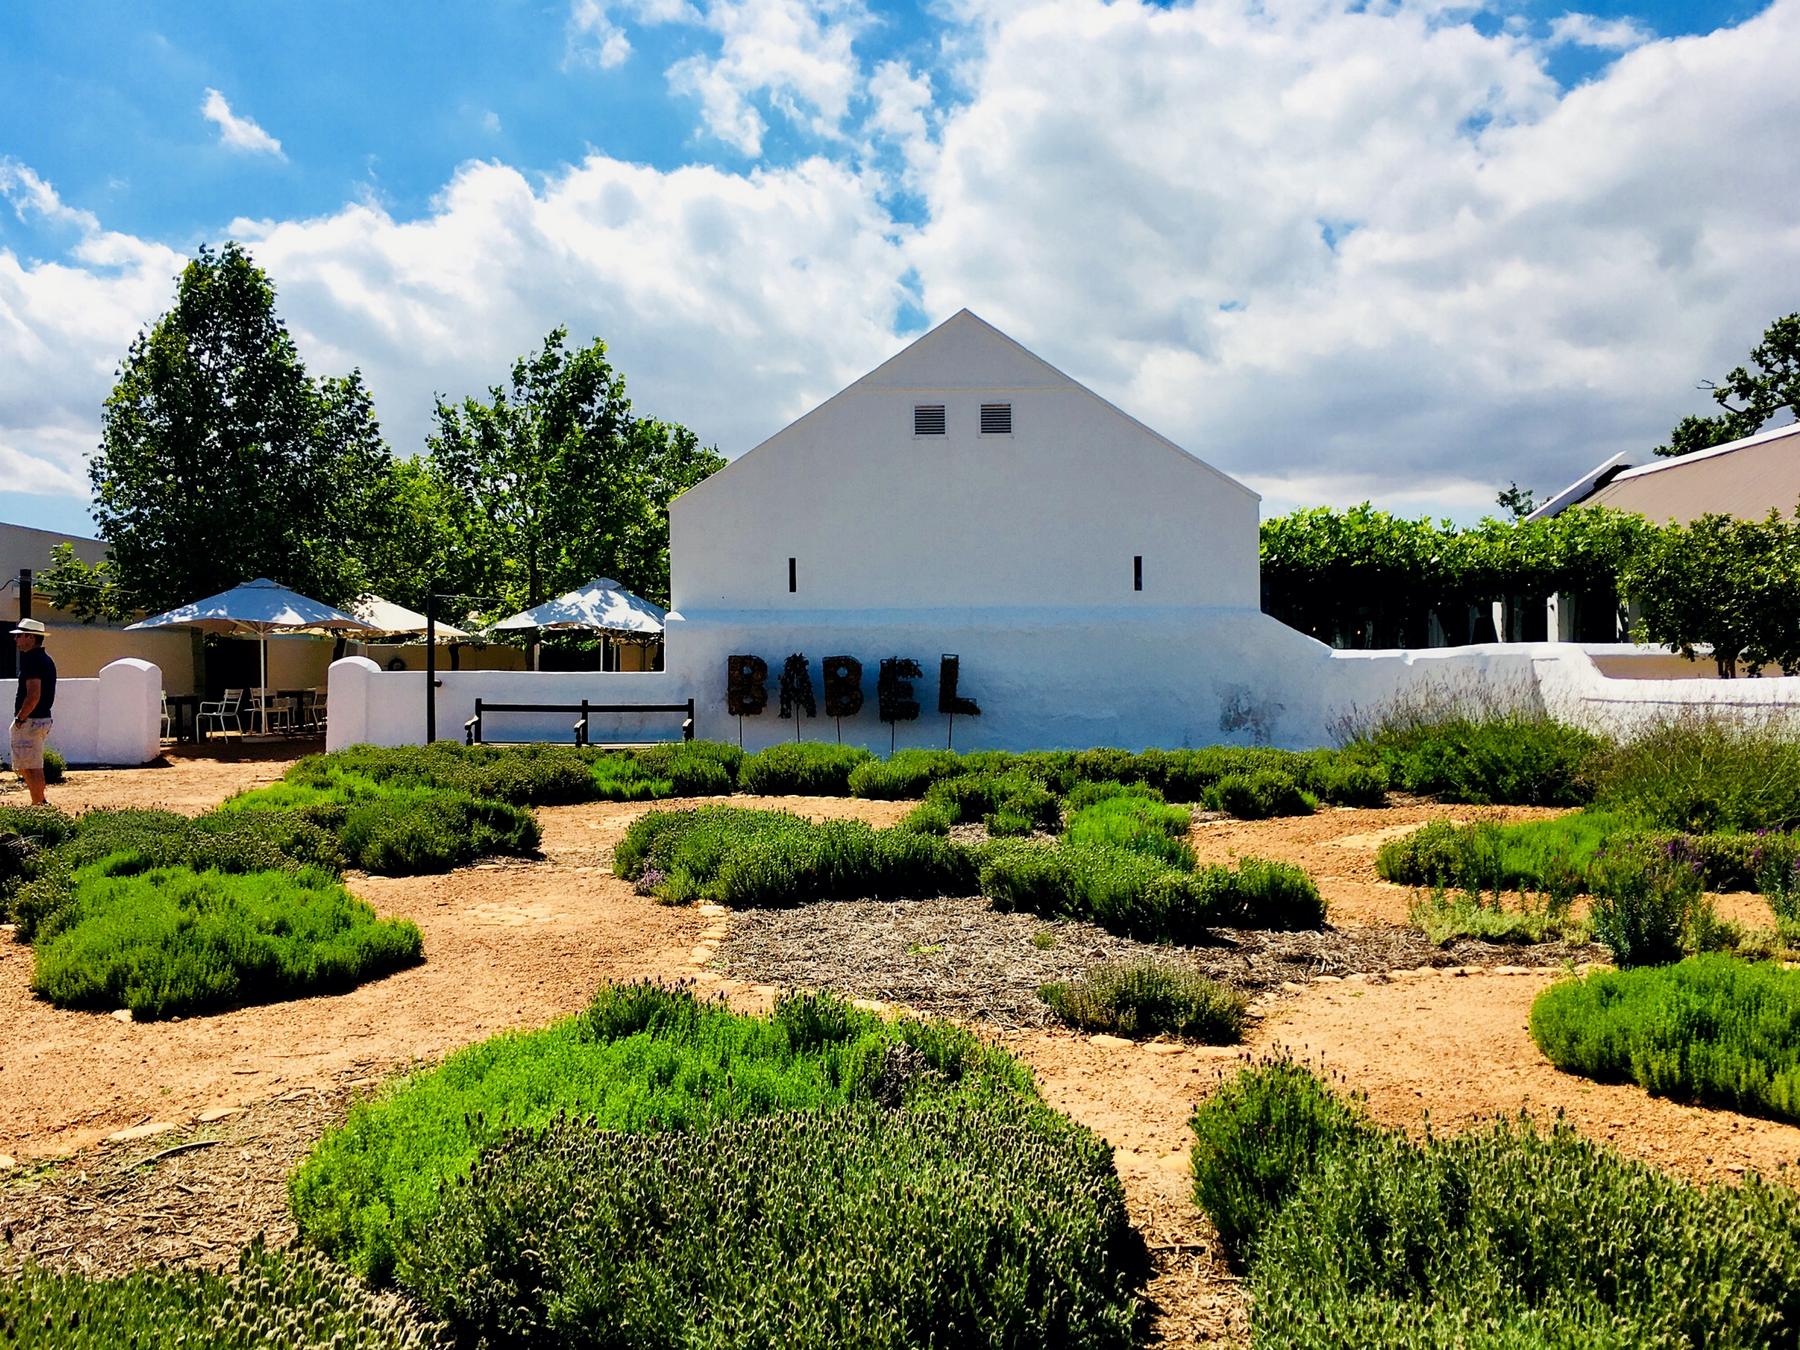 Rota-dos-vinhos-em-Cape-Town-Stellenbosch-e-Franschhoek-babel Rota dos vinhos em Cape Town Stellenbosch e Franschhoek